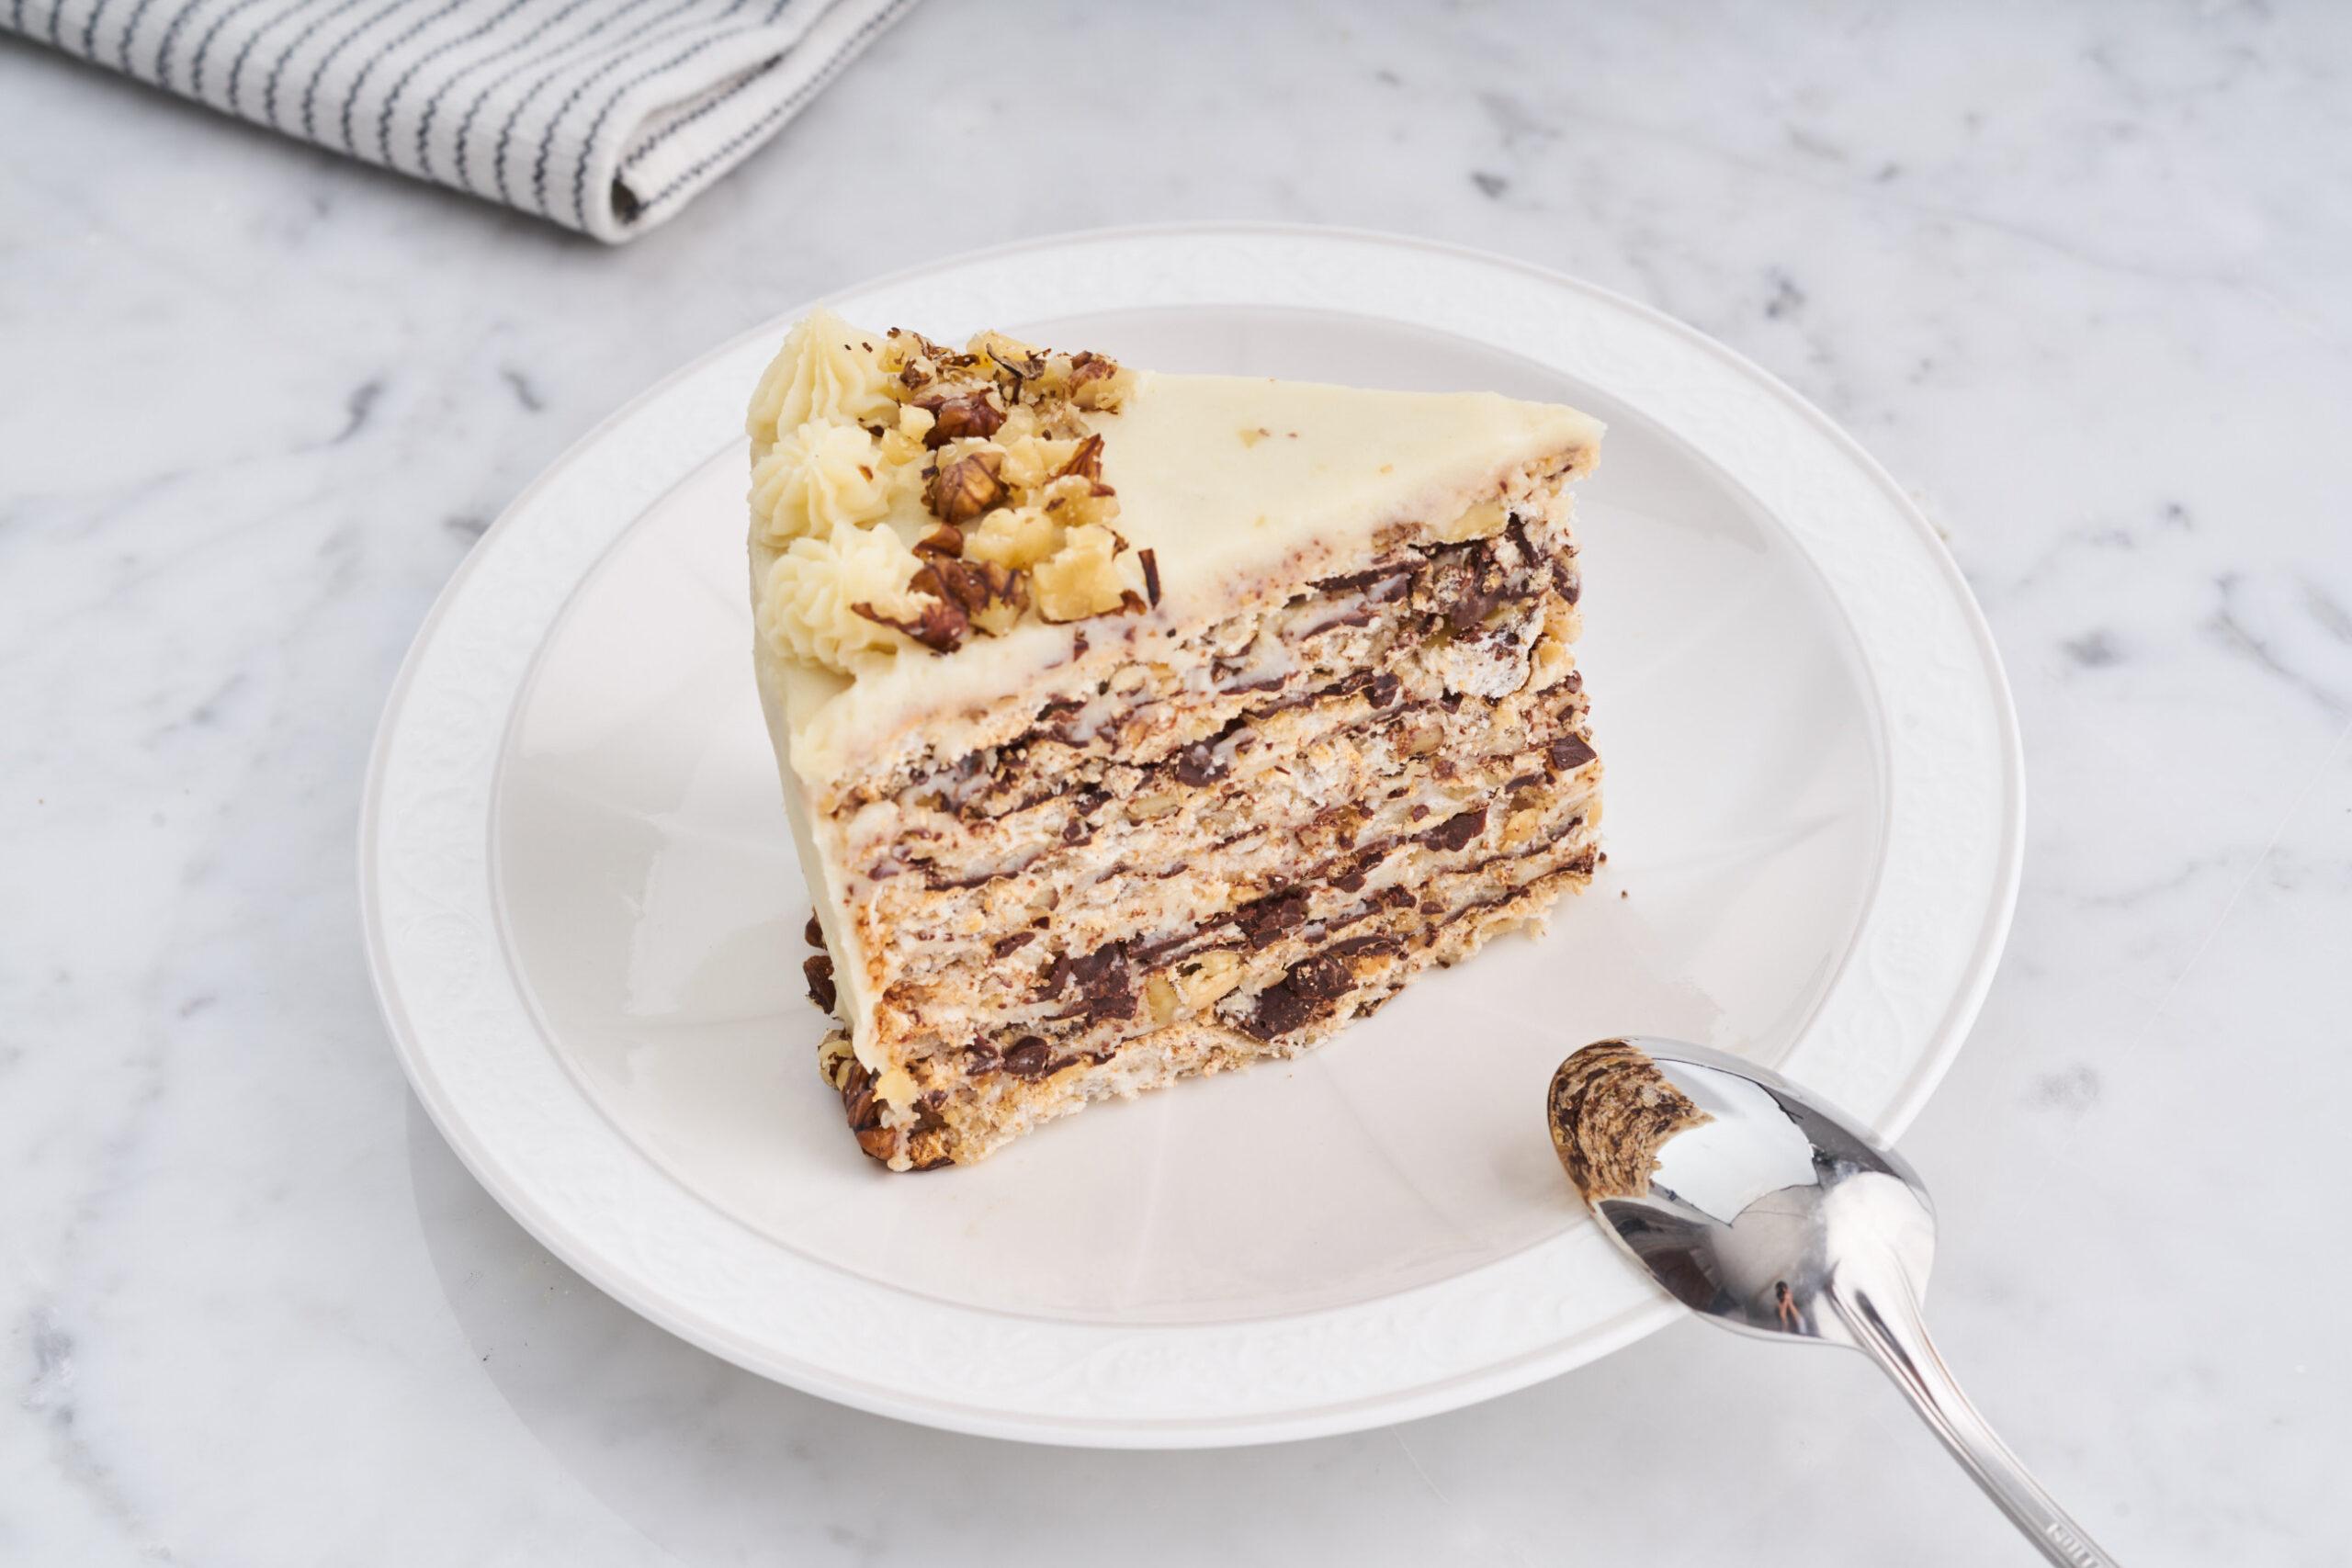 Торт месяца: весь июнь la dolce vita с десертом «Итальянский»